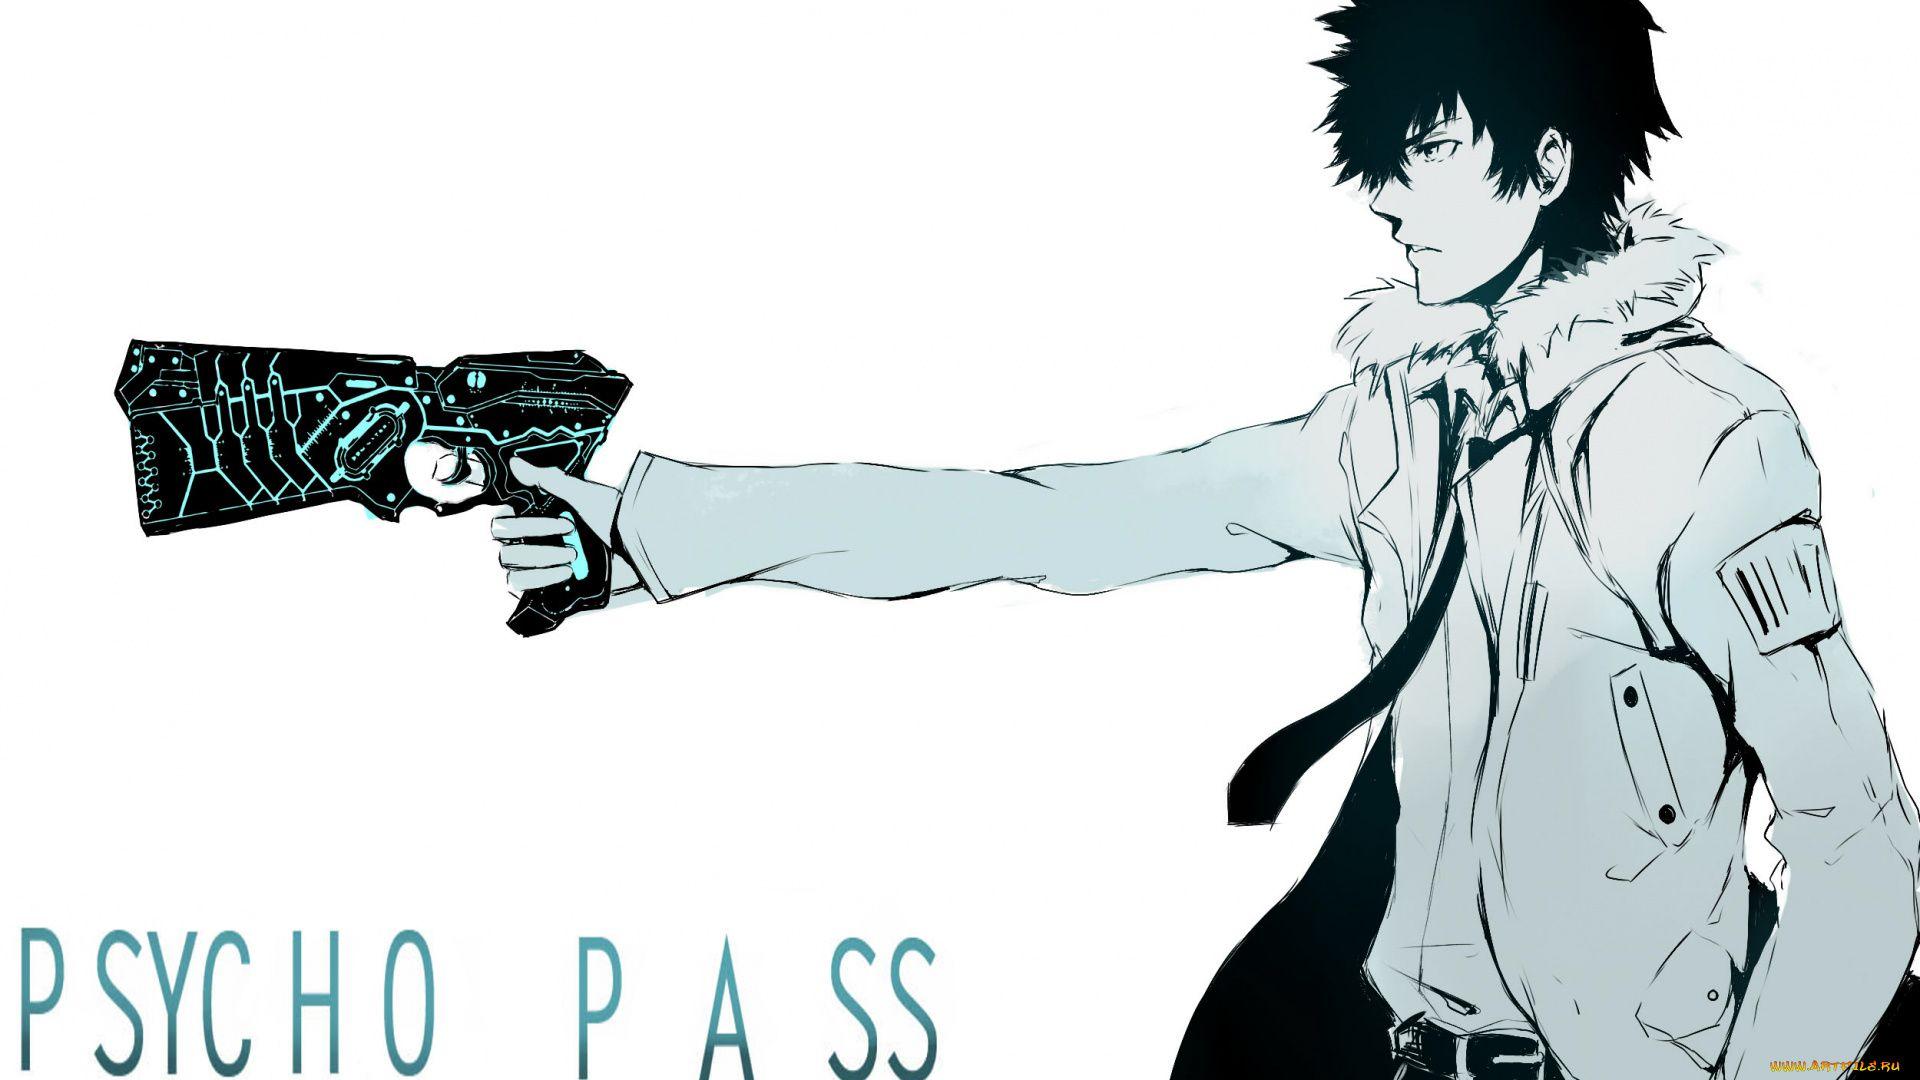 Psycho Pass computer wallpaper